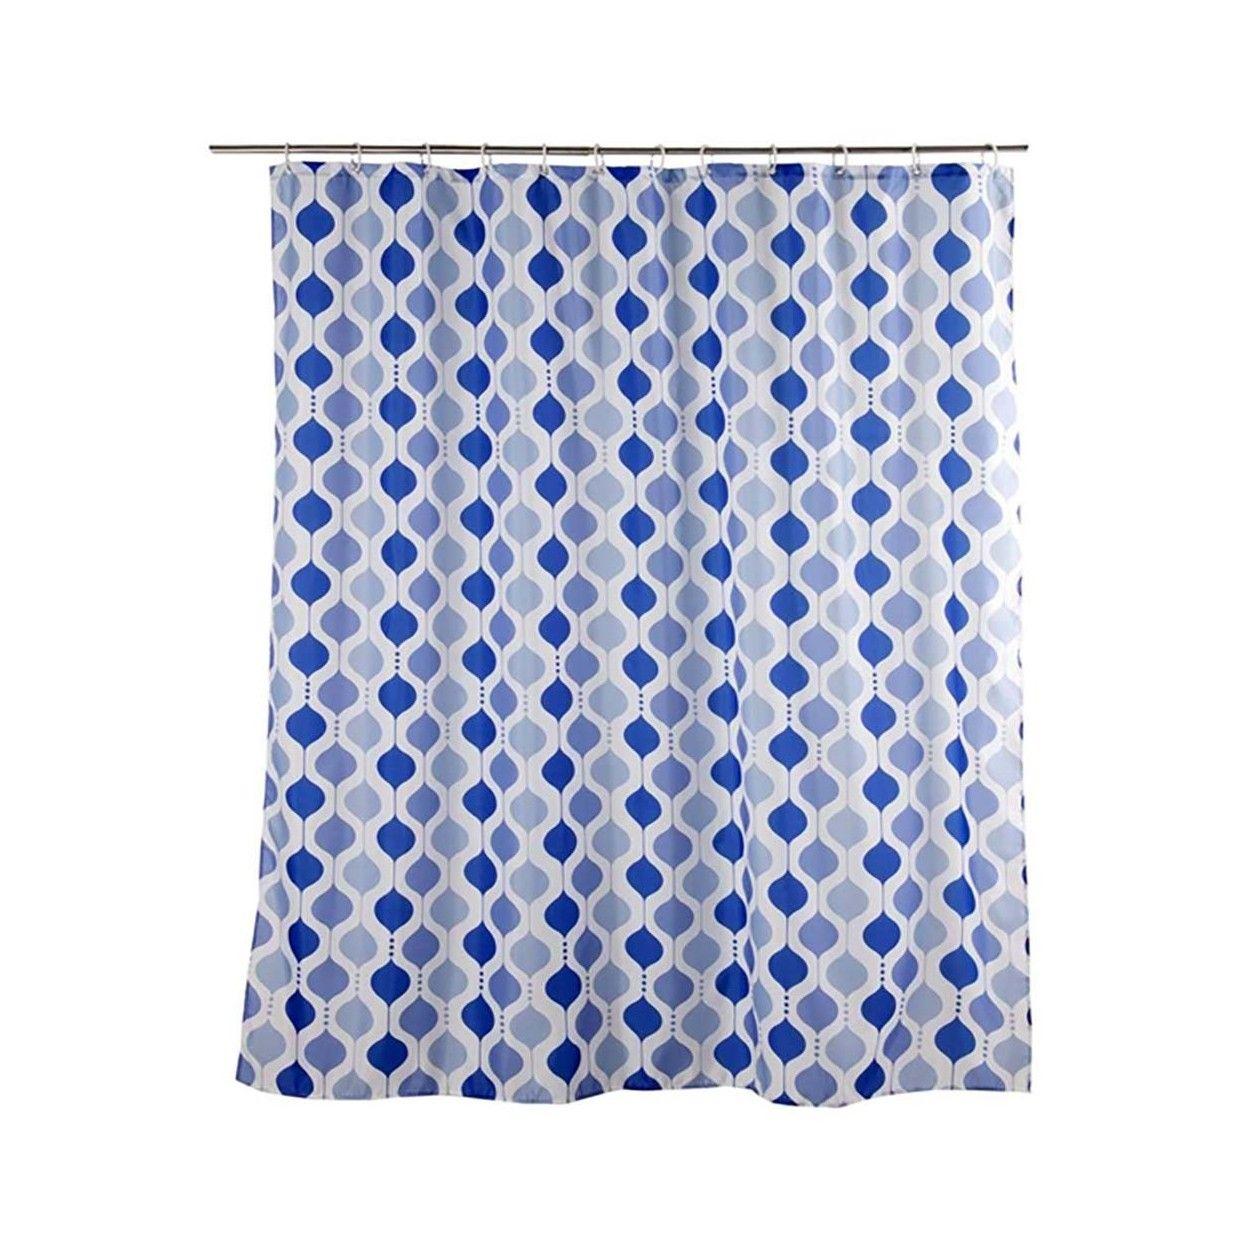 Cortina de ba o formas geom tricas 180x200 azul hogar - Formas de cortinas ...